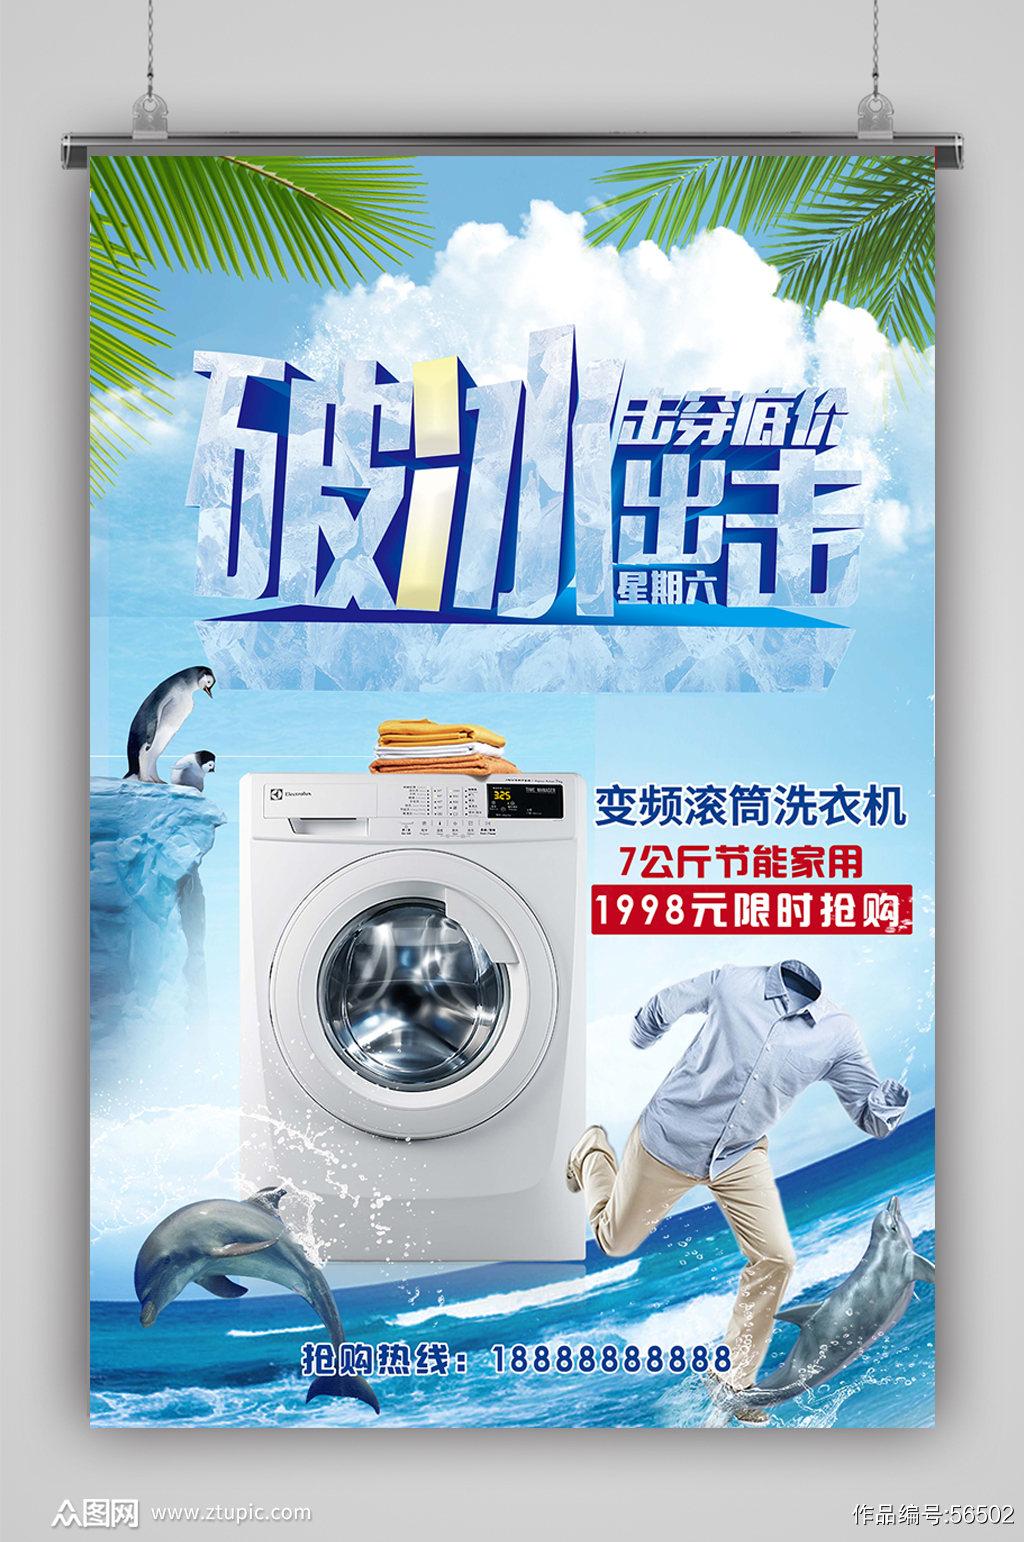 新品洗衣机促销海报素材